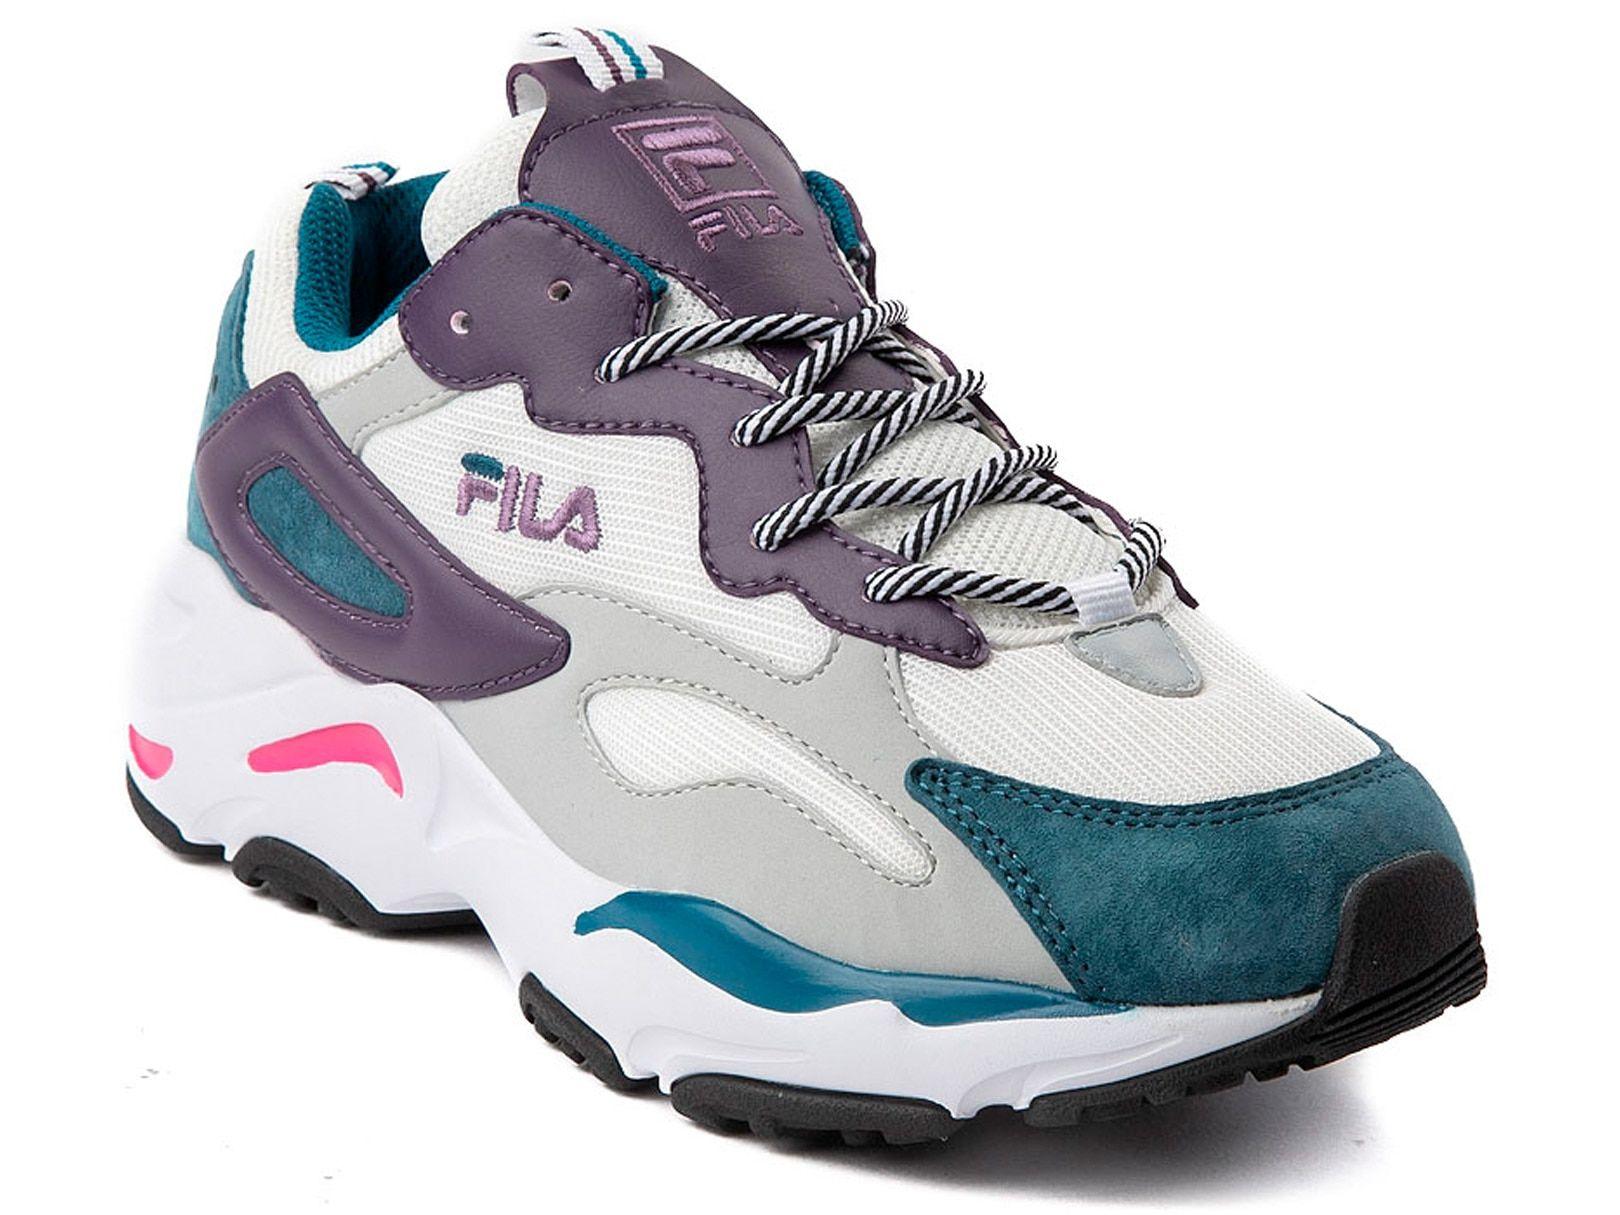 Tenis Fila Blanco En 2020 Zapatos Tenis Para Mujer Zapatos Fila Zapatillas Fila